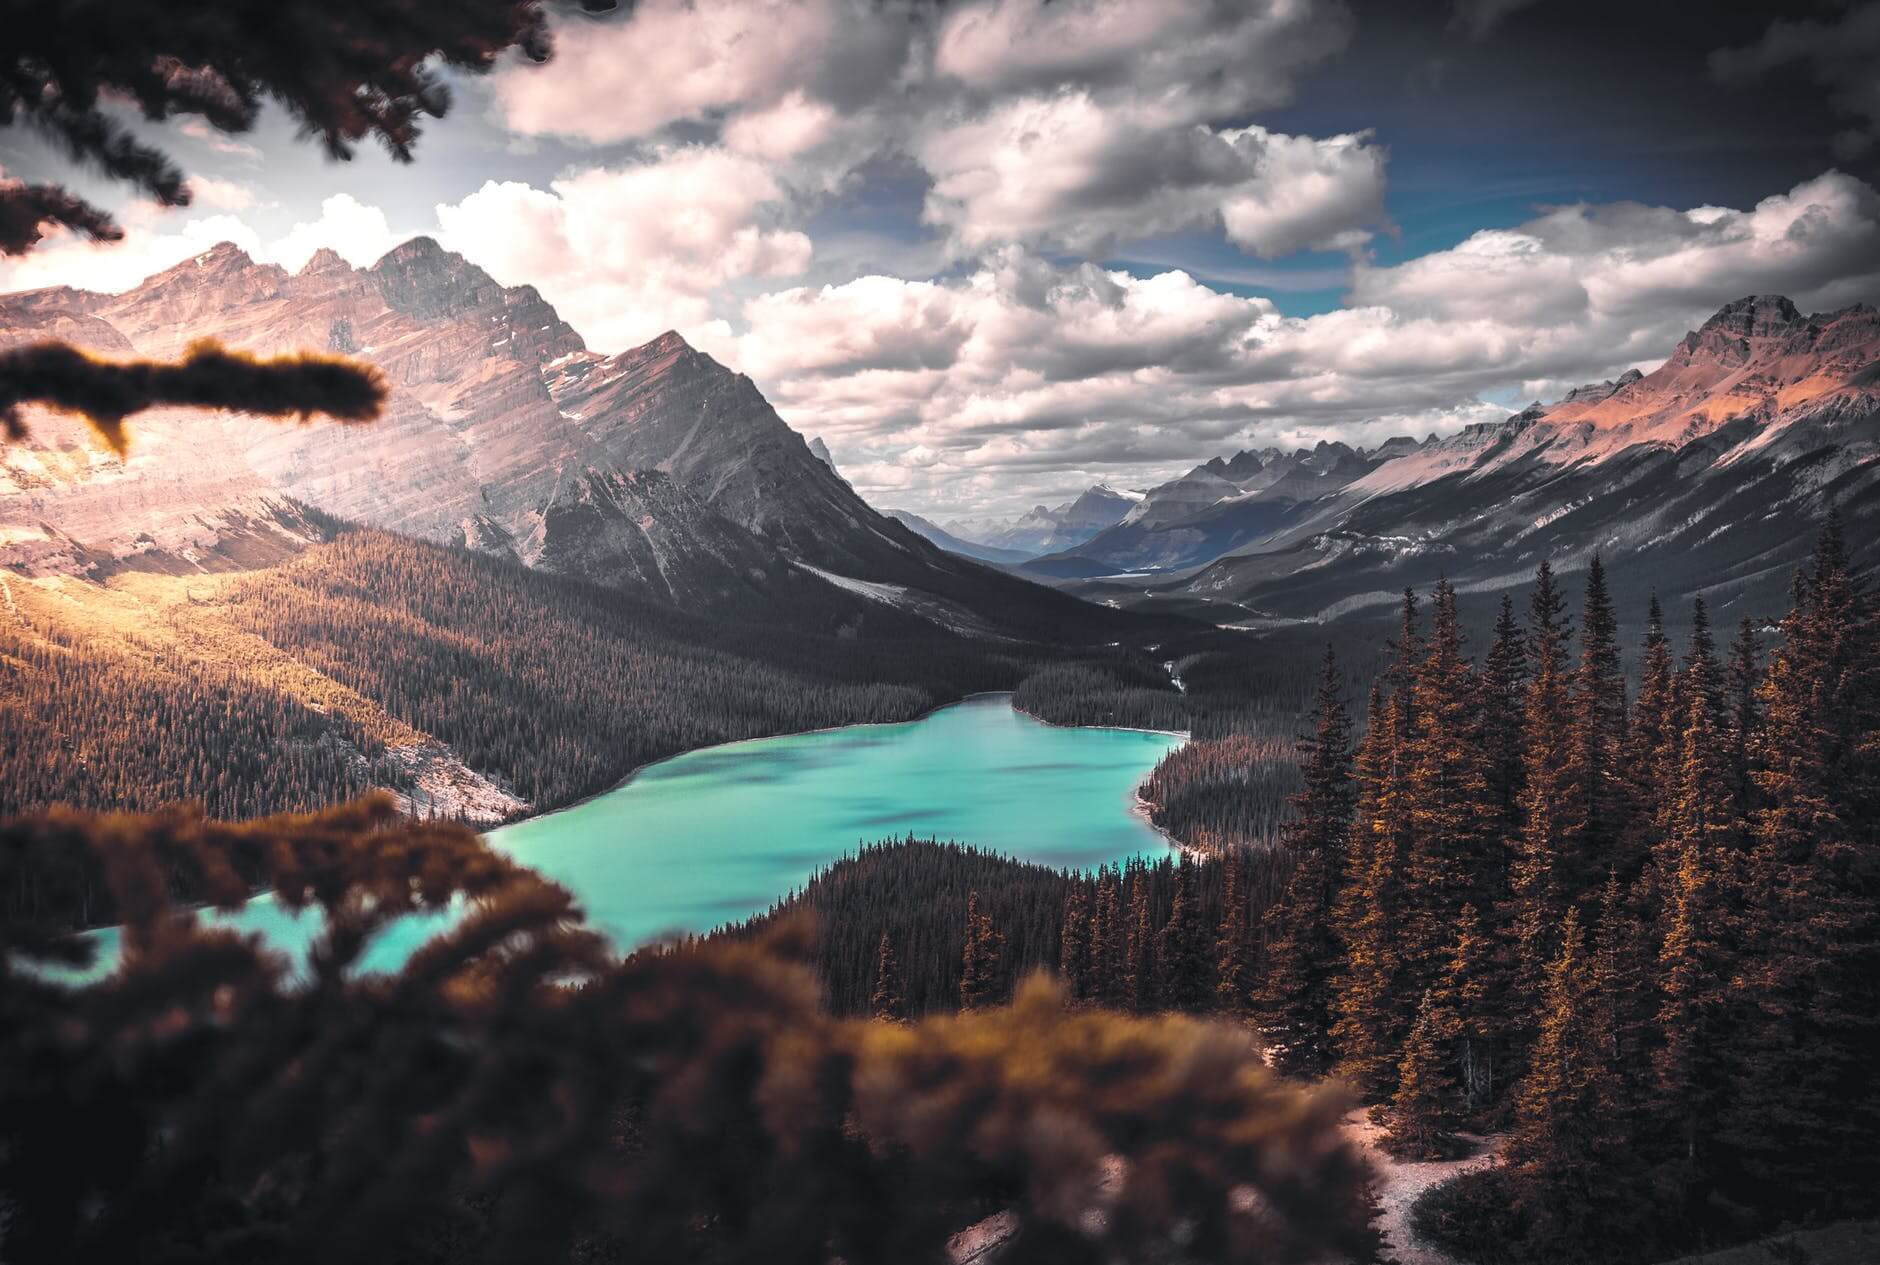 Lake in forest - Fullscreen Lightbox